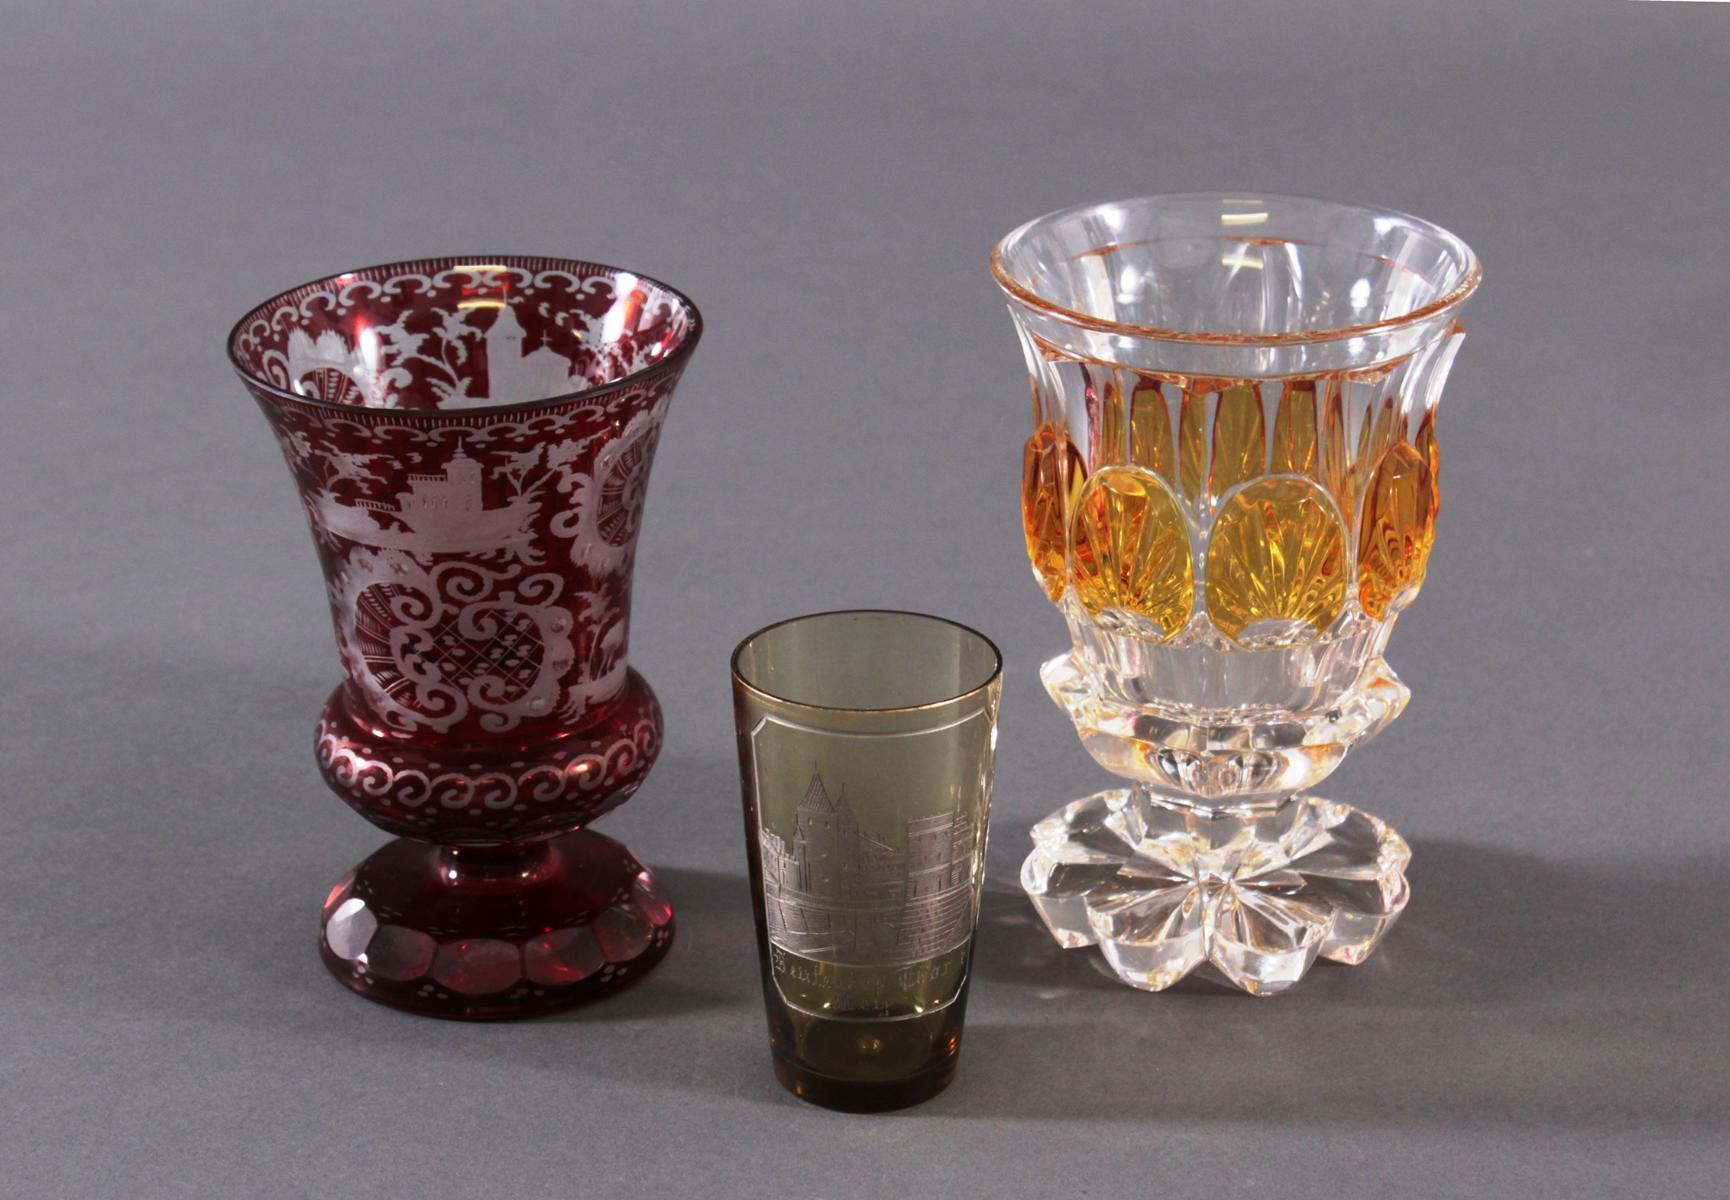 2 Pokalgläser und 1 Andenkenglas um 1900-2